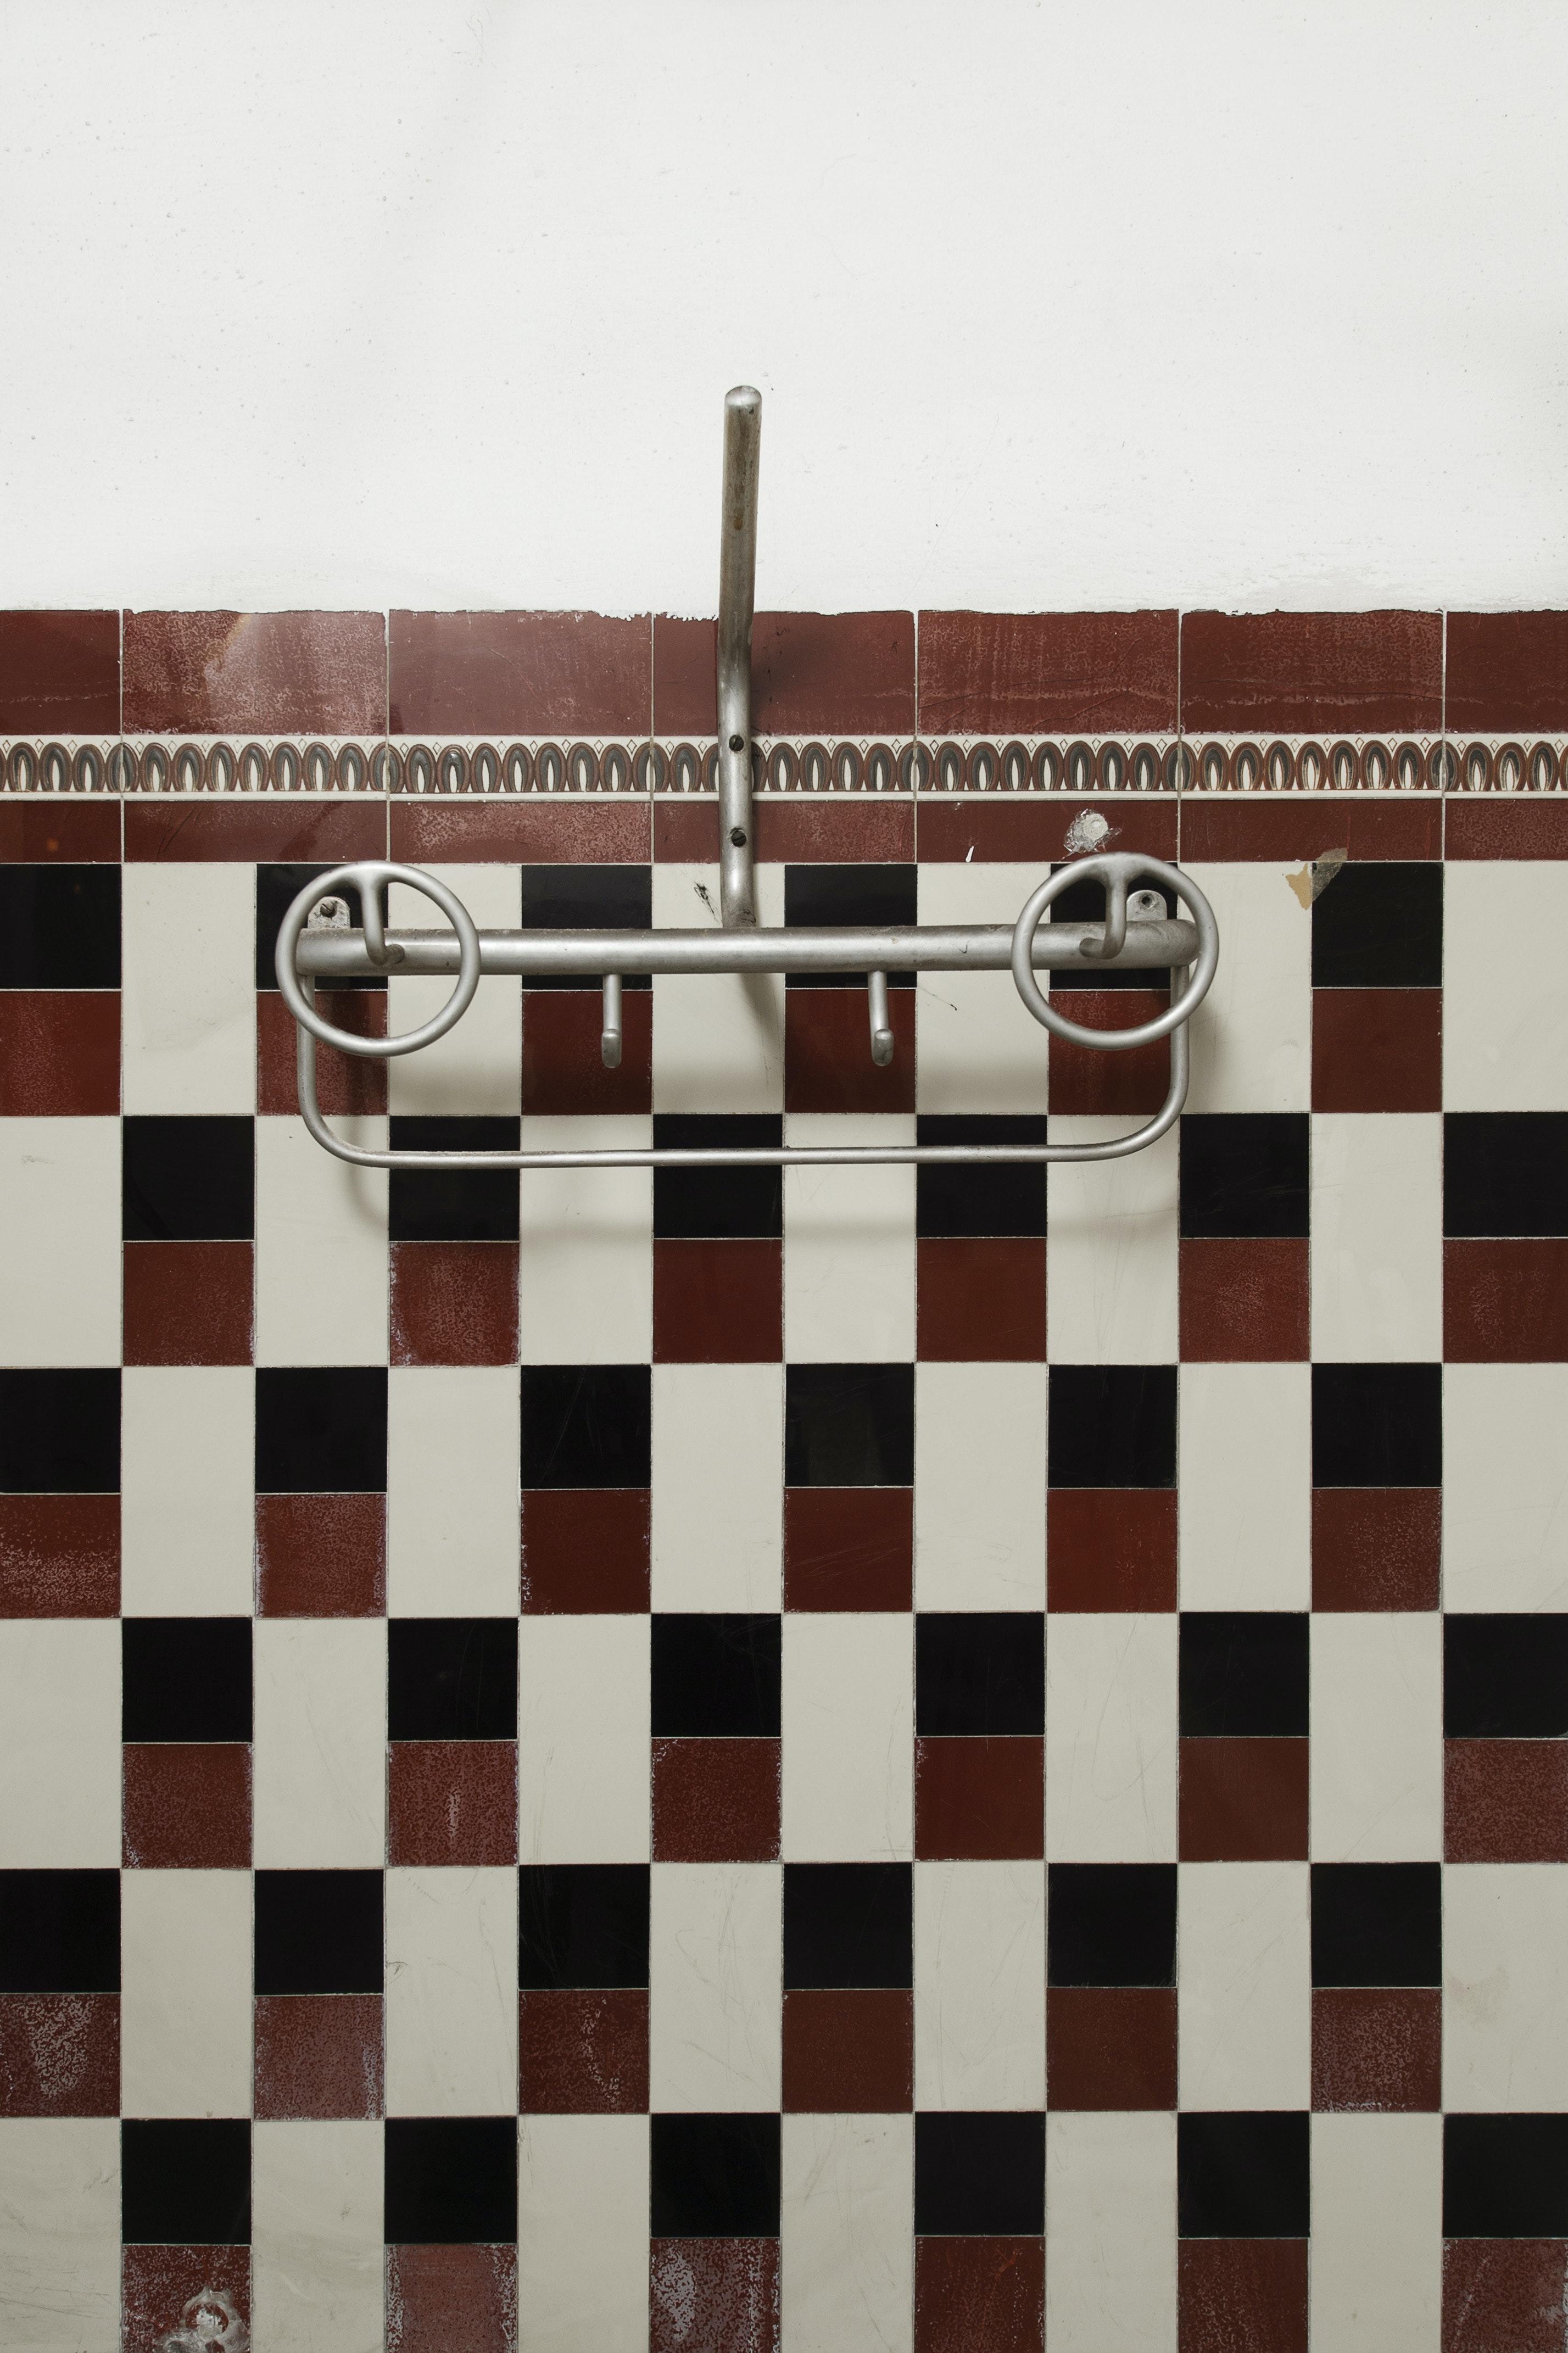 Dettaglio rubinetteria, ALBERGO DIURNO VENEZIA, MILANO (MI )